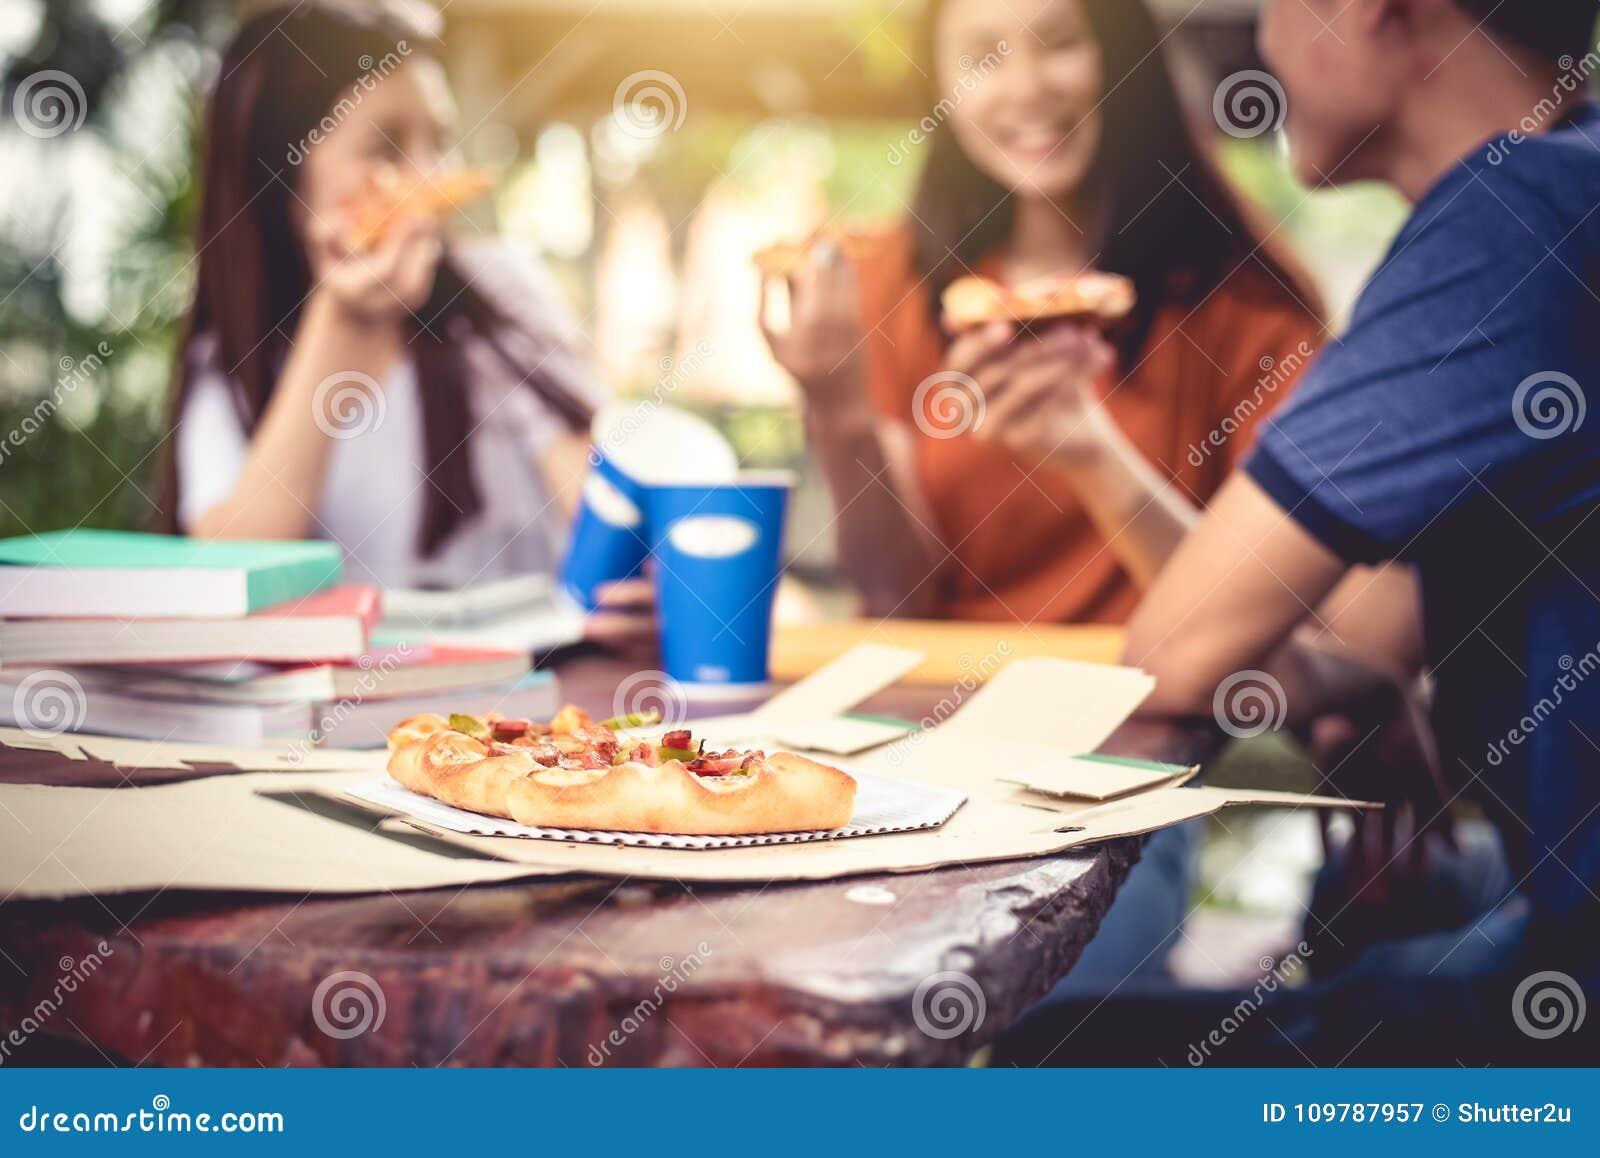 Nach der Unterrichtung drei asiatische, Leute genießen Pizza am Freien zu essen